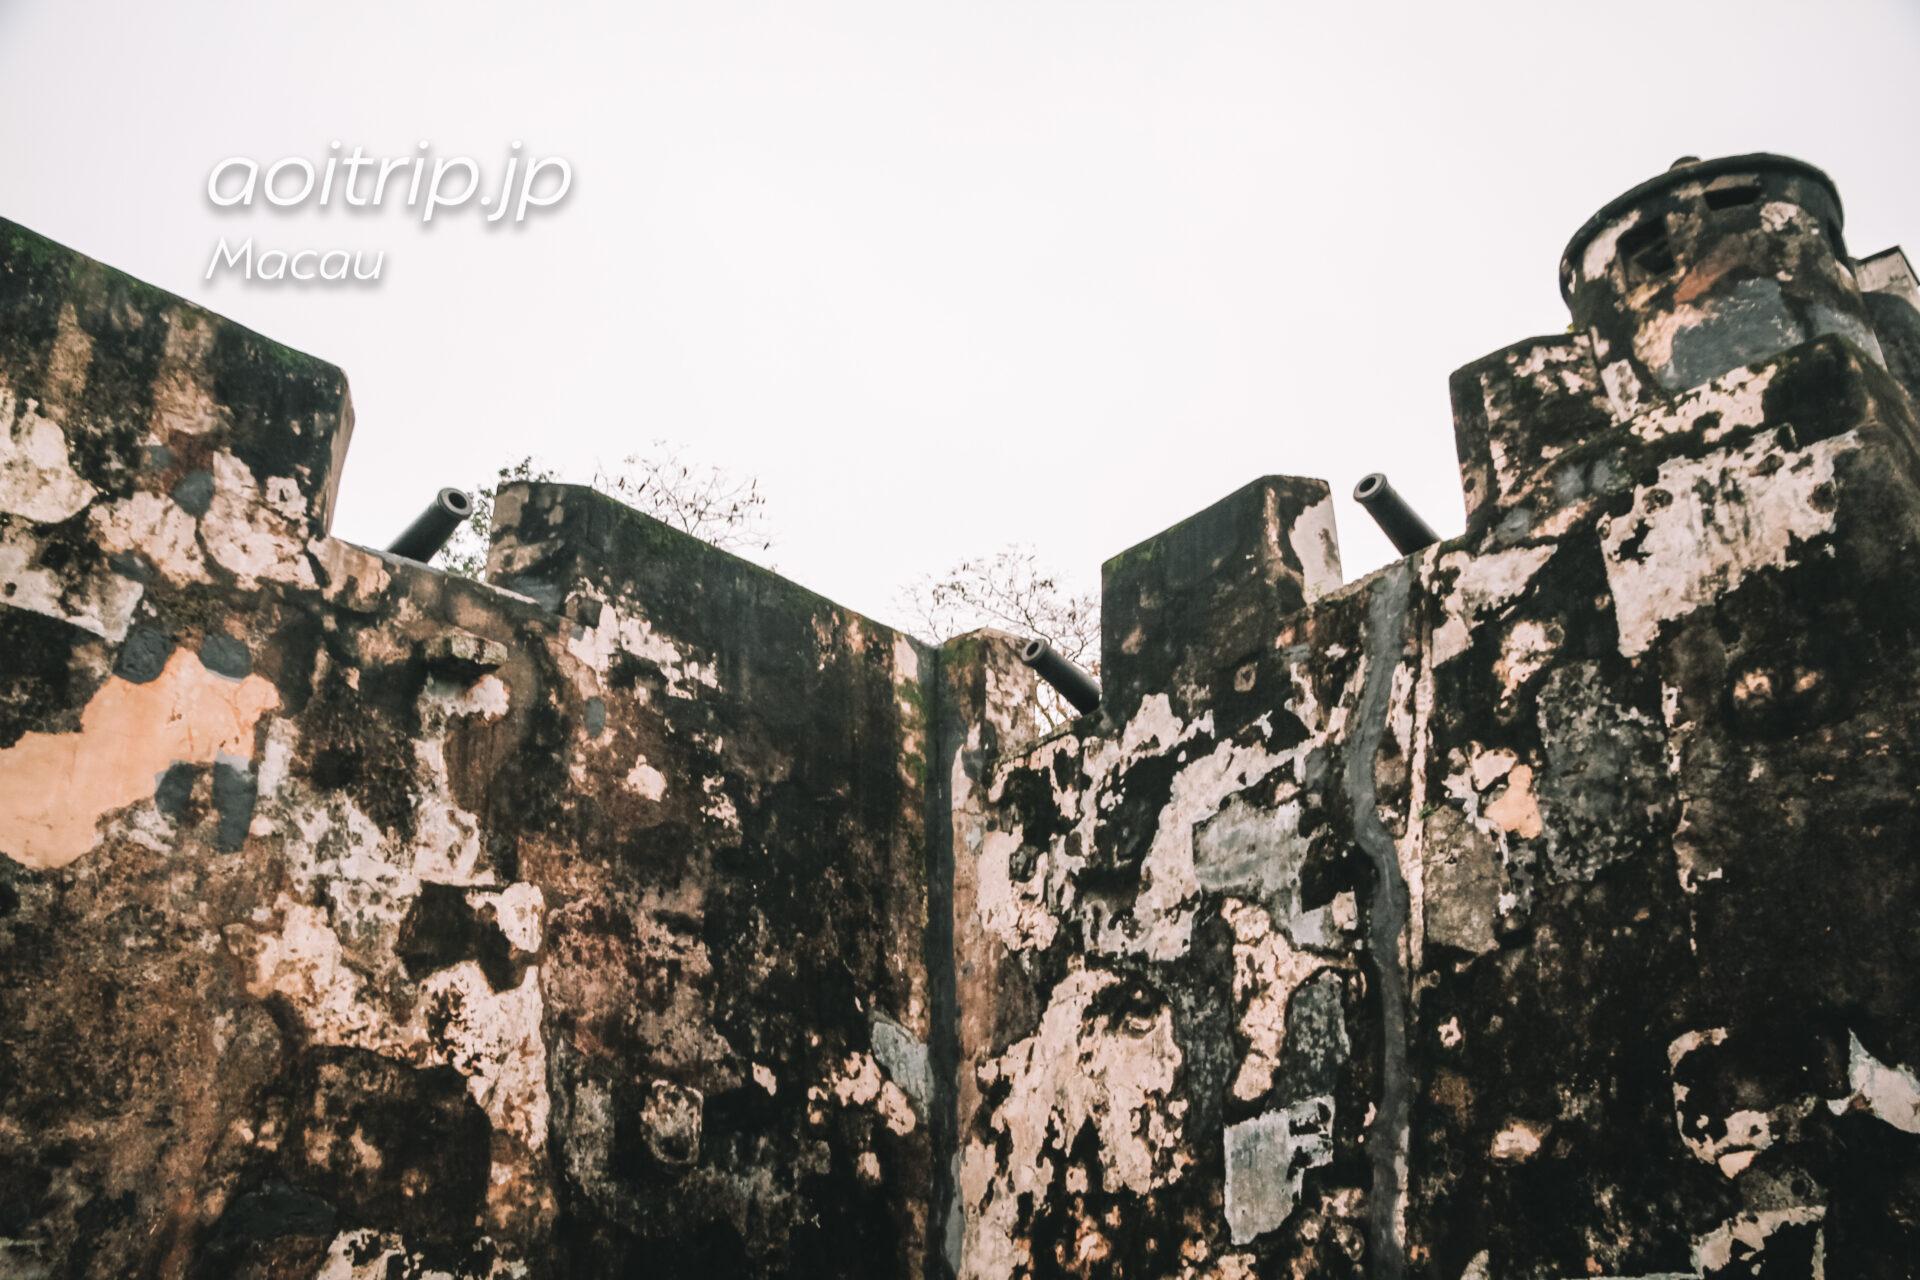 マカオ モンテの砦 Monte Fortress